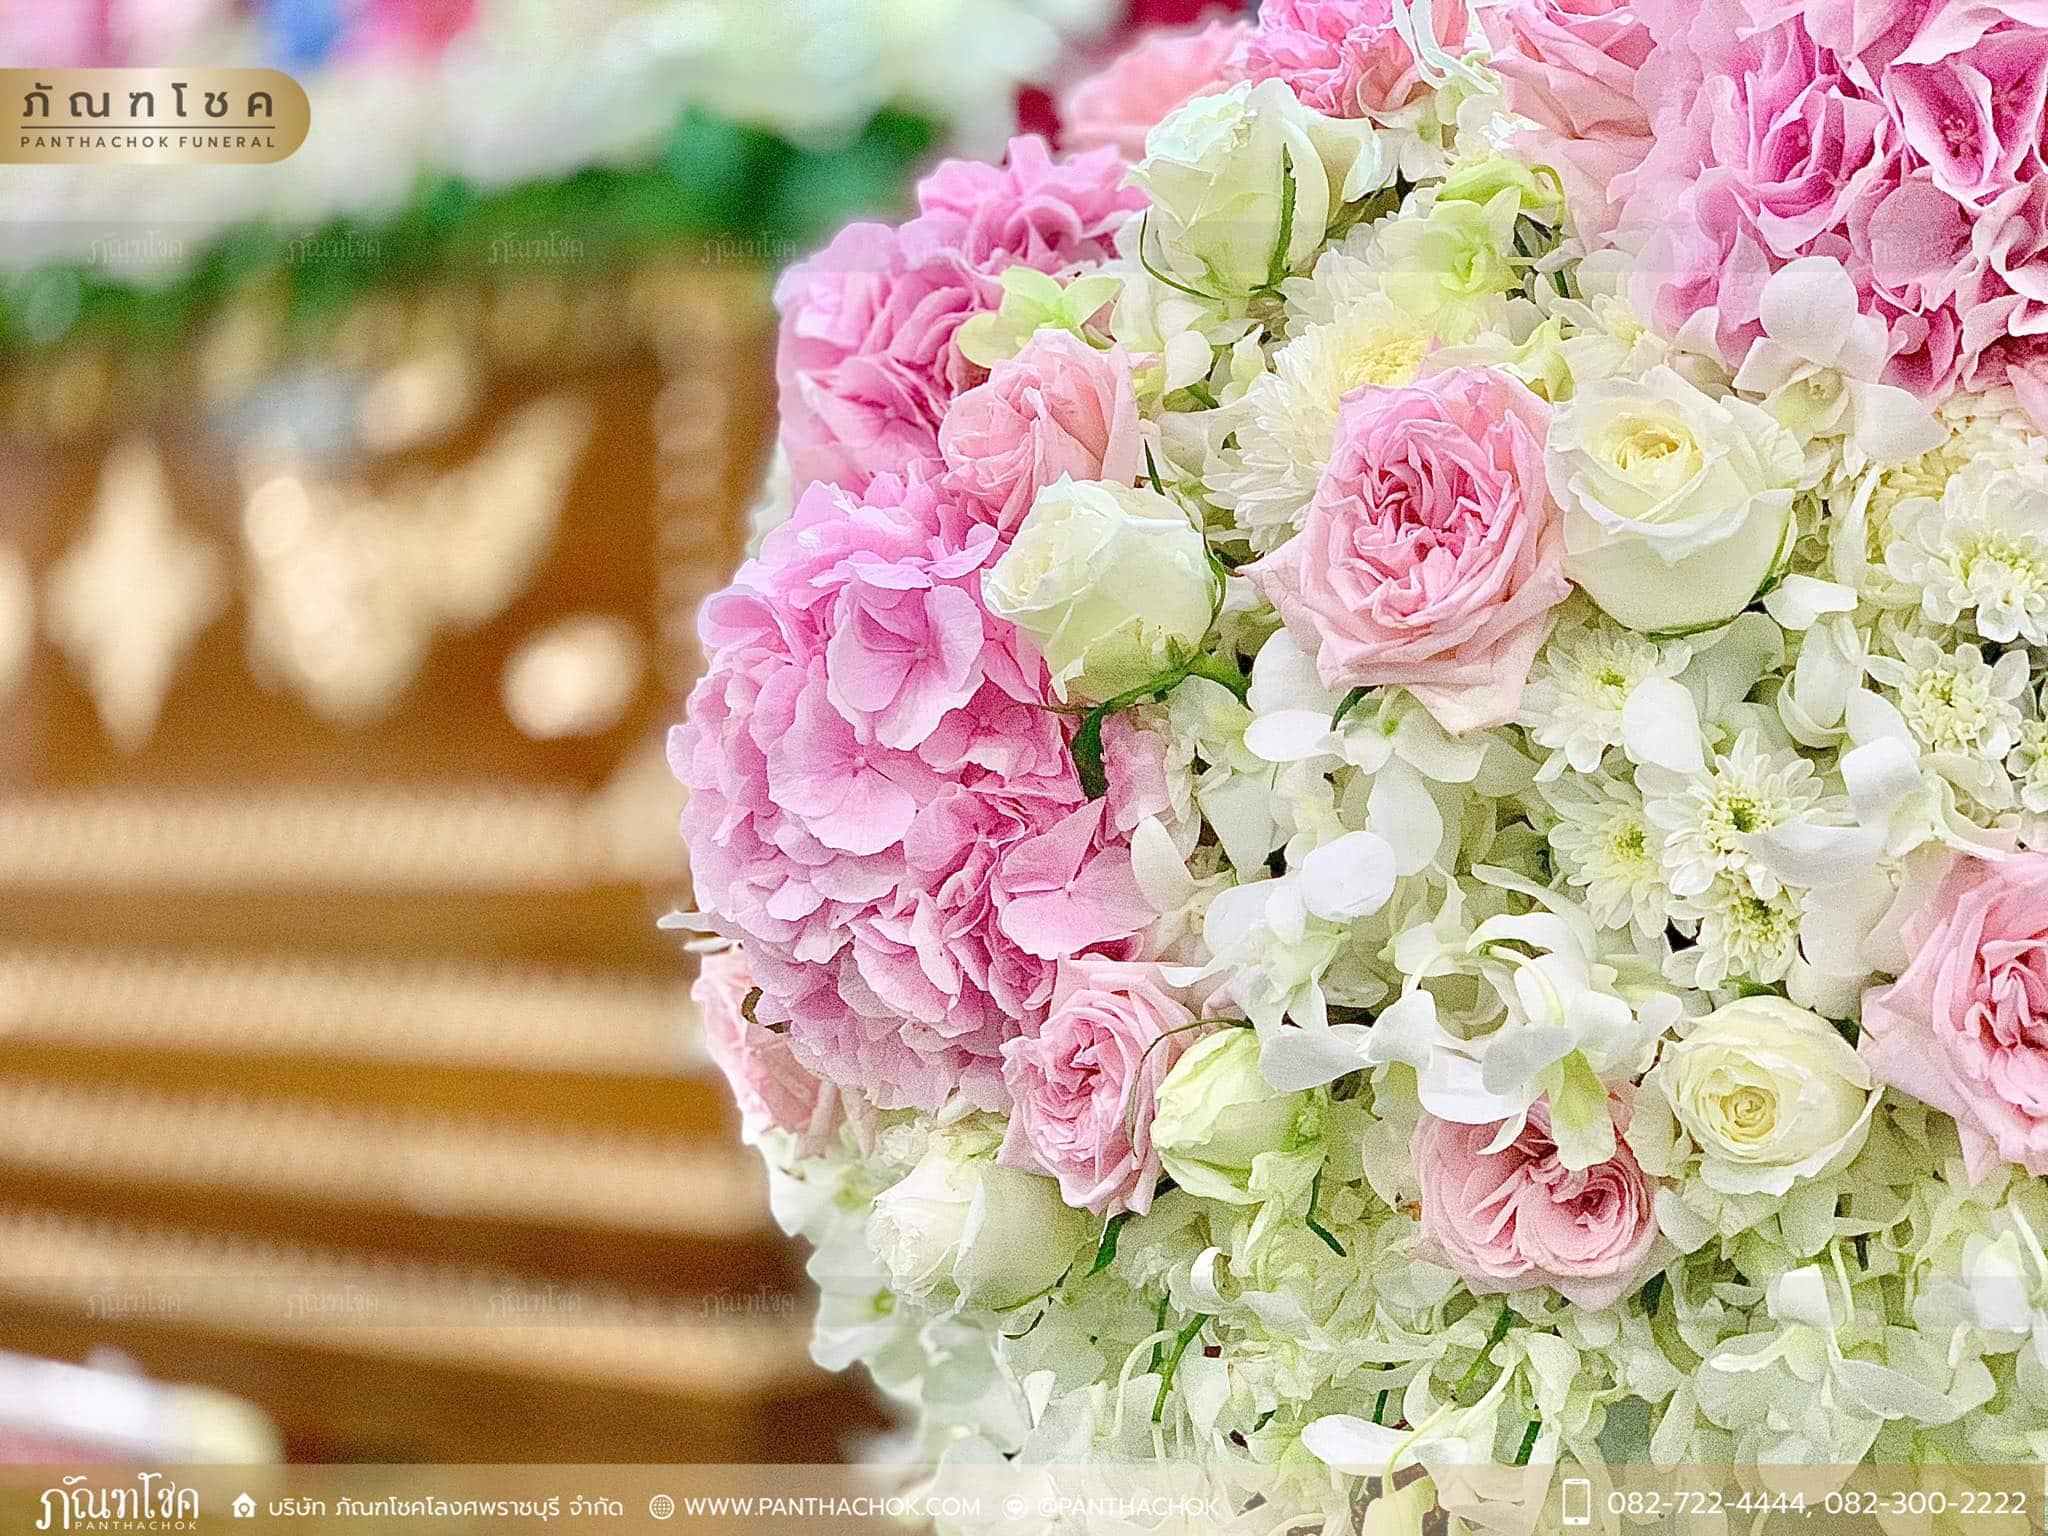 ดอกไม้หน้าหีบสีหวานสดใส ณ วัดหลักสี่ กทม. 4